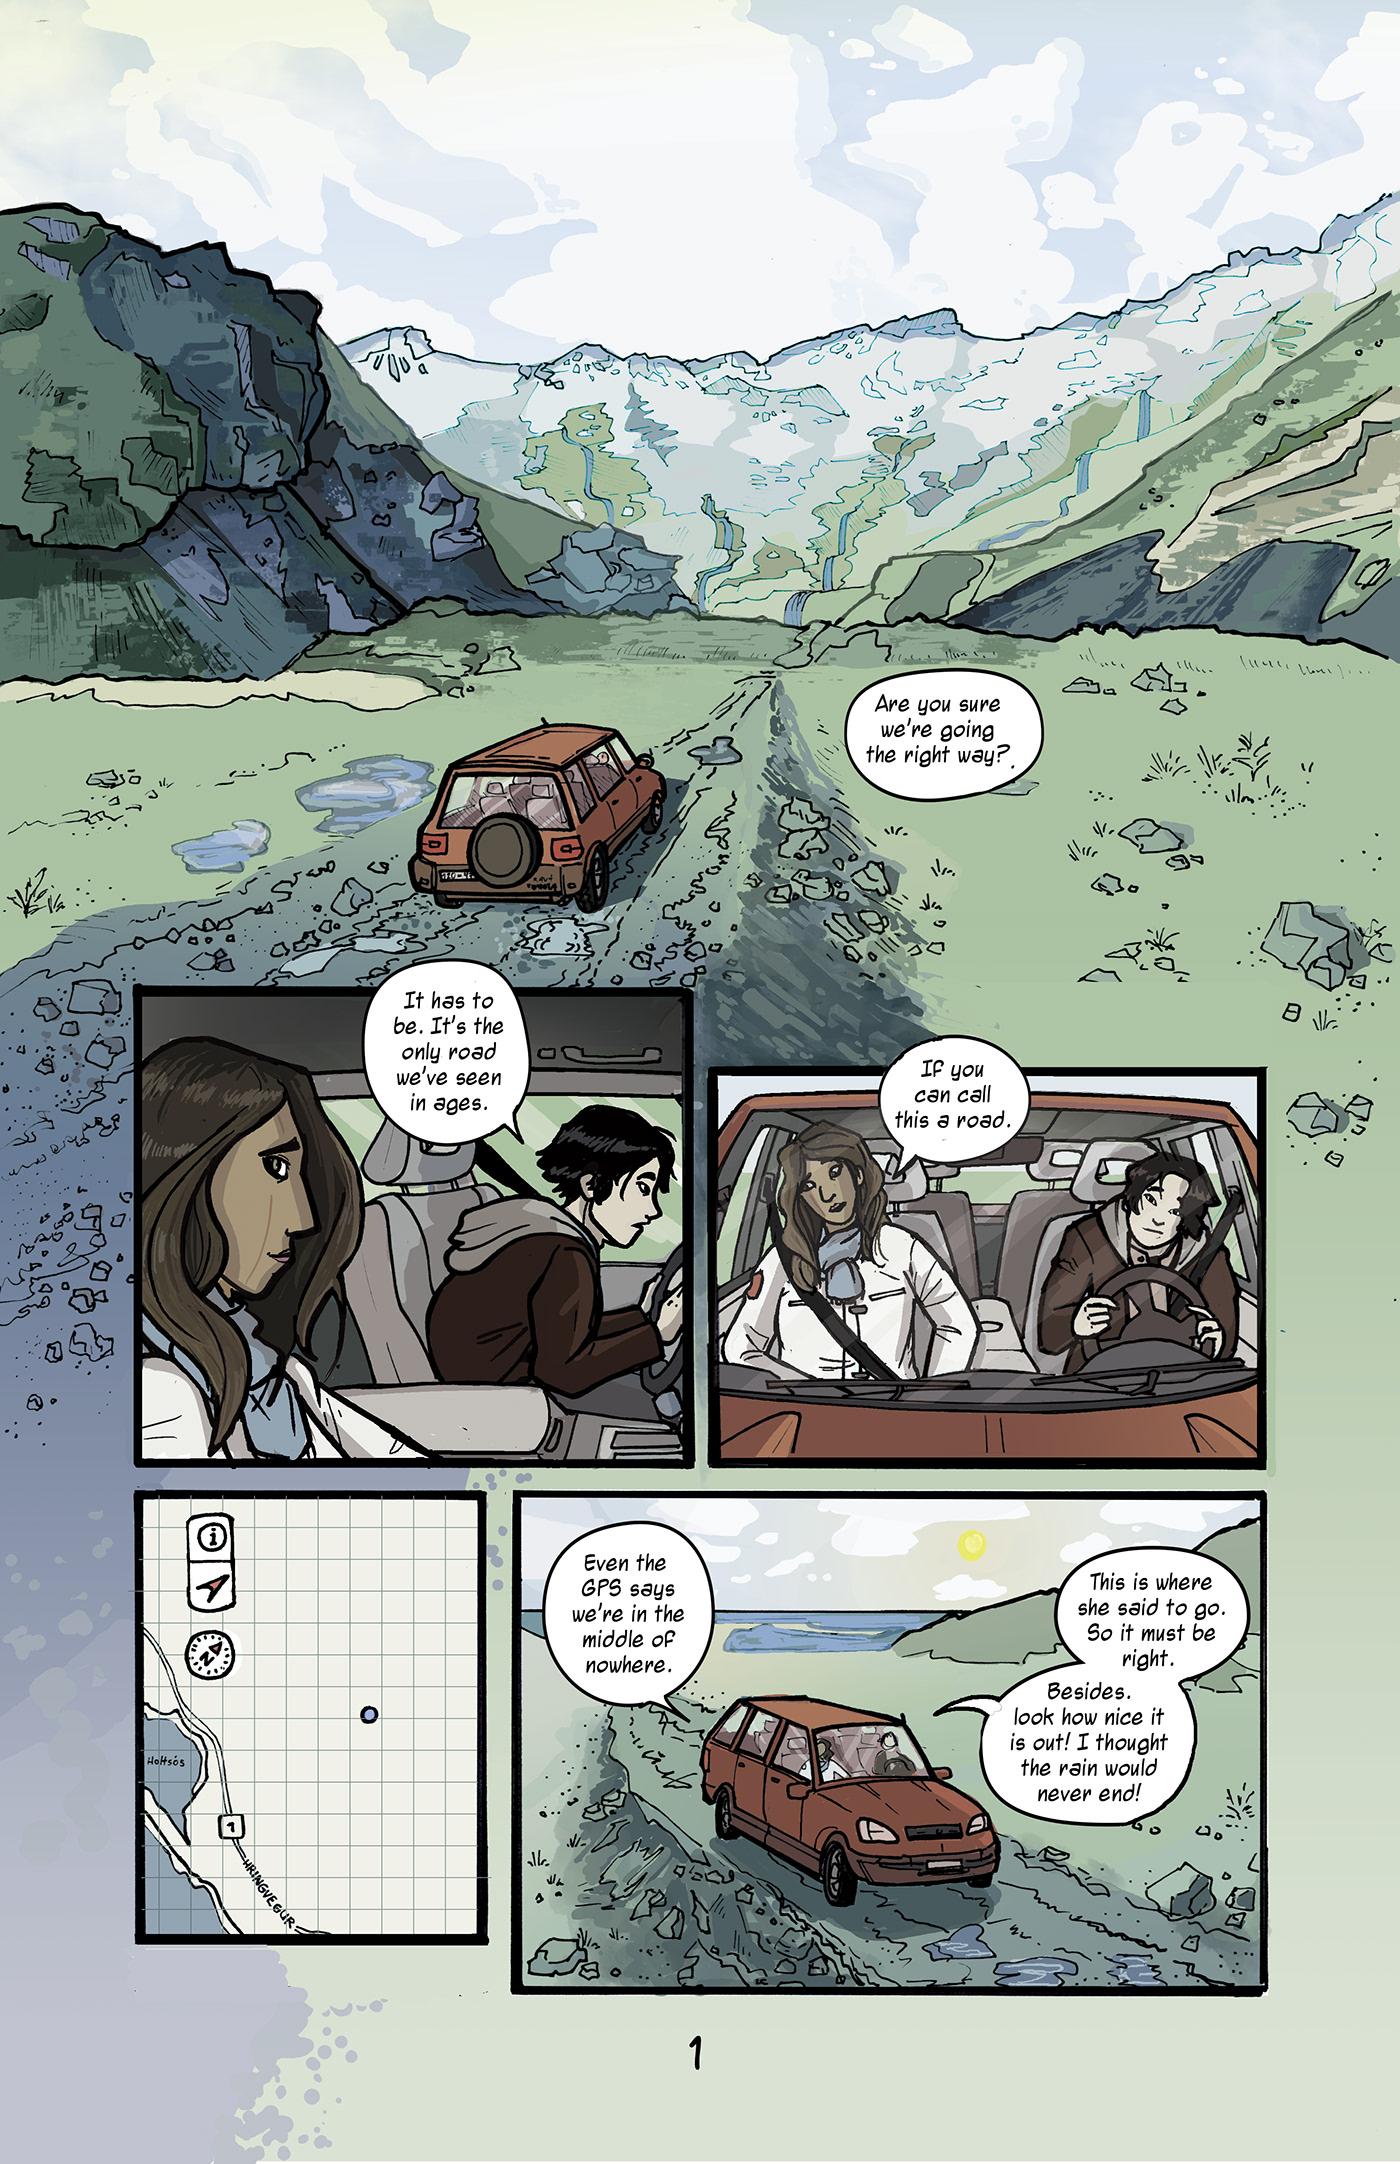 coloring coloring portfolio colorist comic colorist